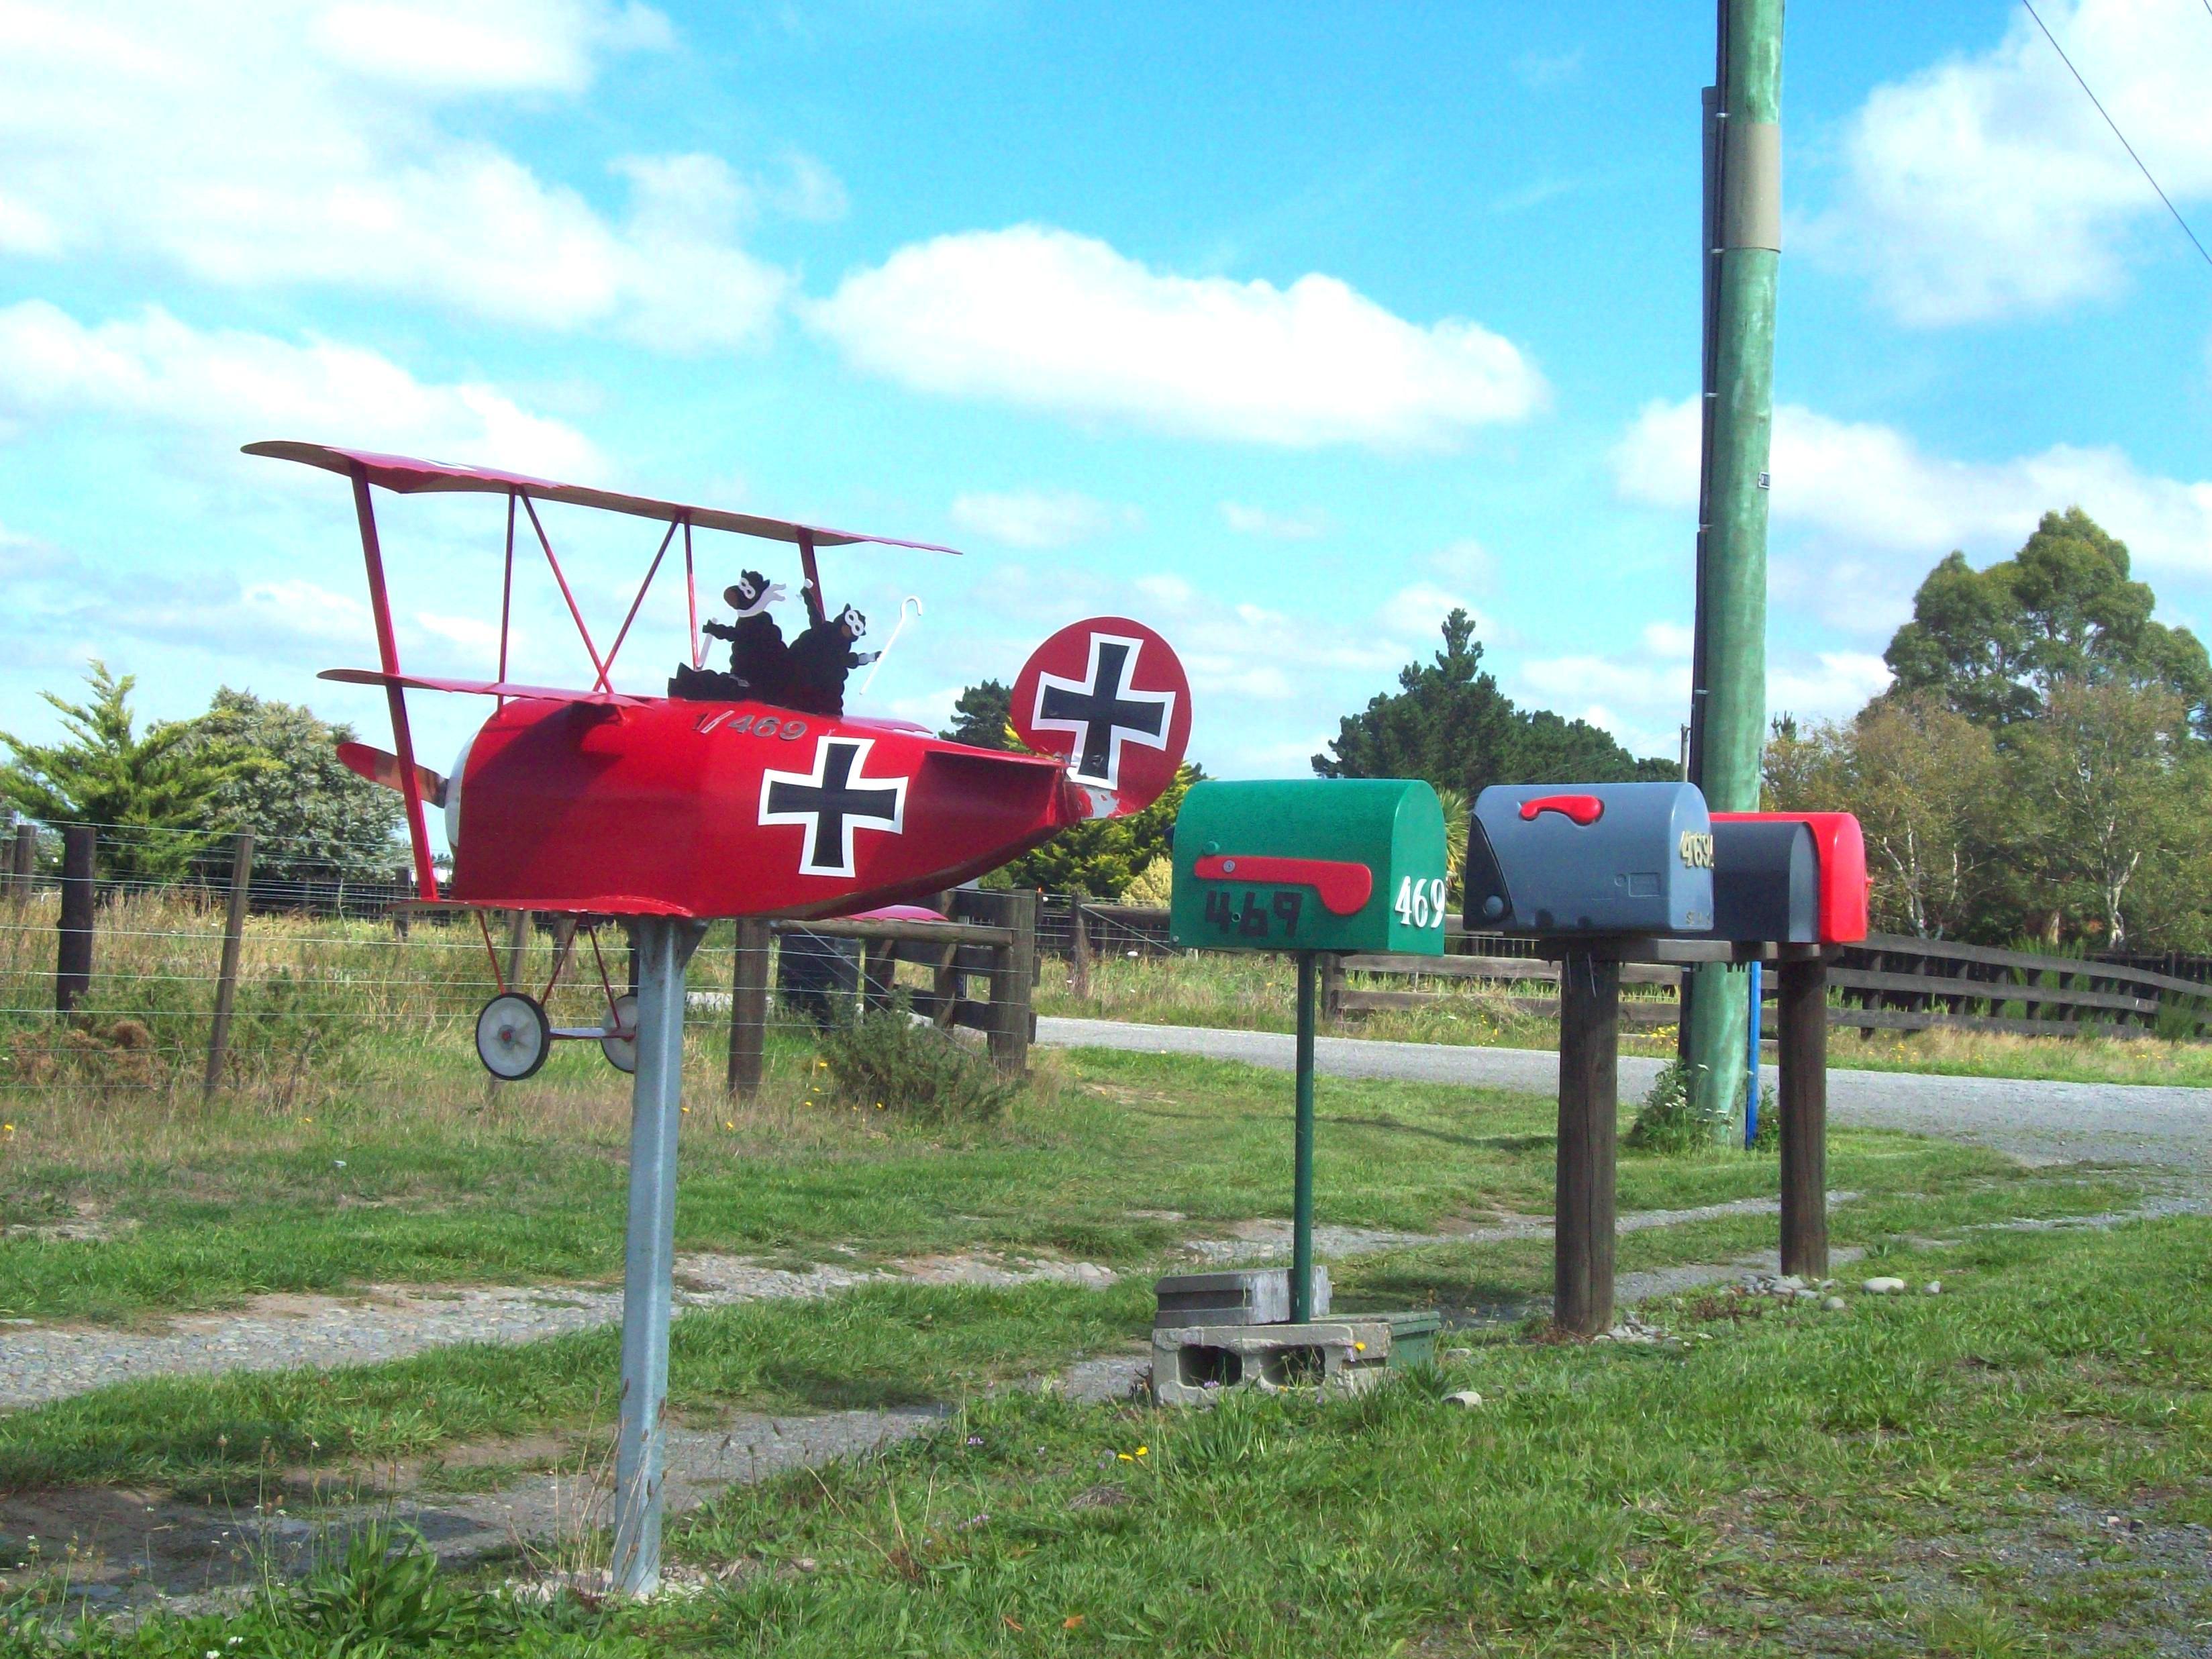 Manfred Albrecht Freiherr von Richthofen, Airborne, West, Stamp, Space, HQ Photo